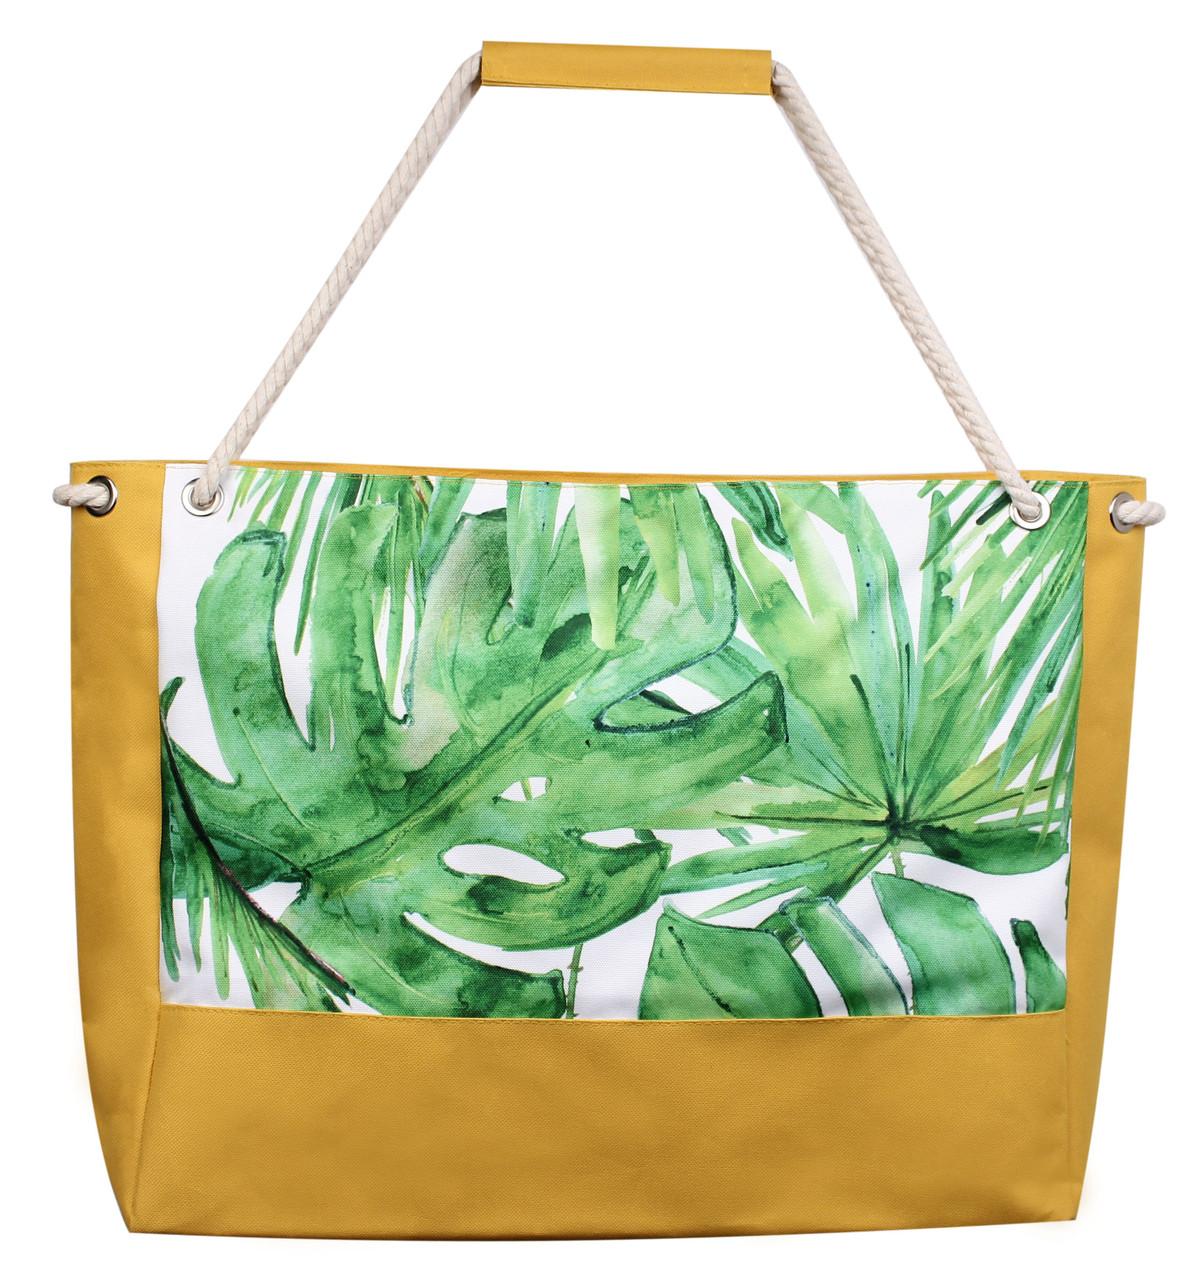 e26a175ff75f Сумка пляжная Tropical leaves, цена 390 грн., купить в Ровно — Prom ...